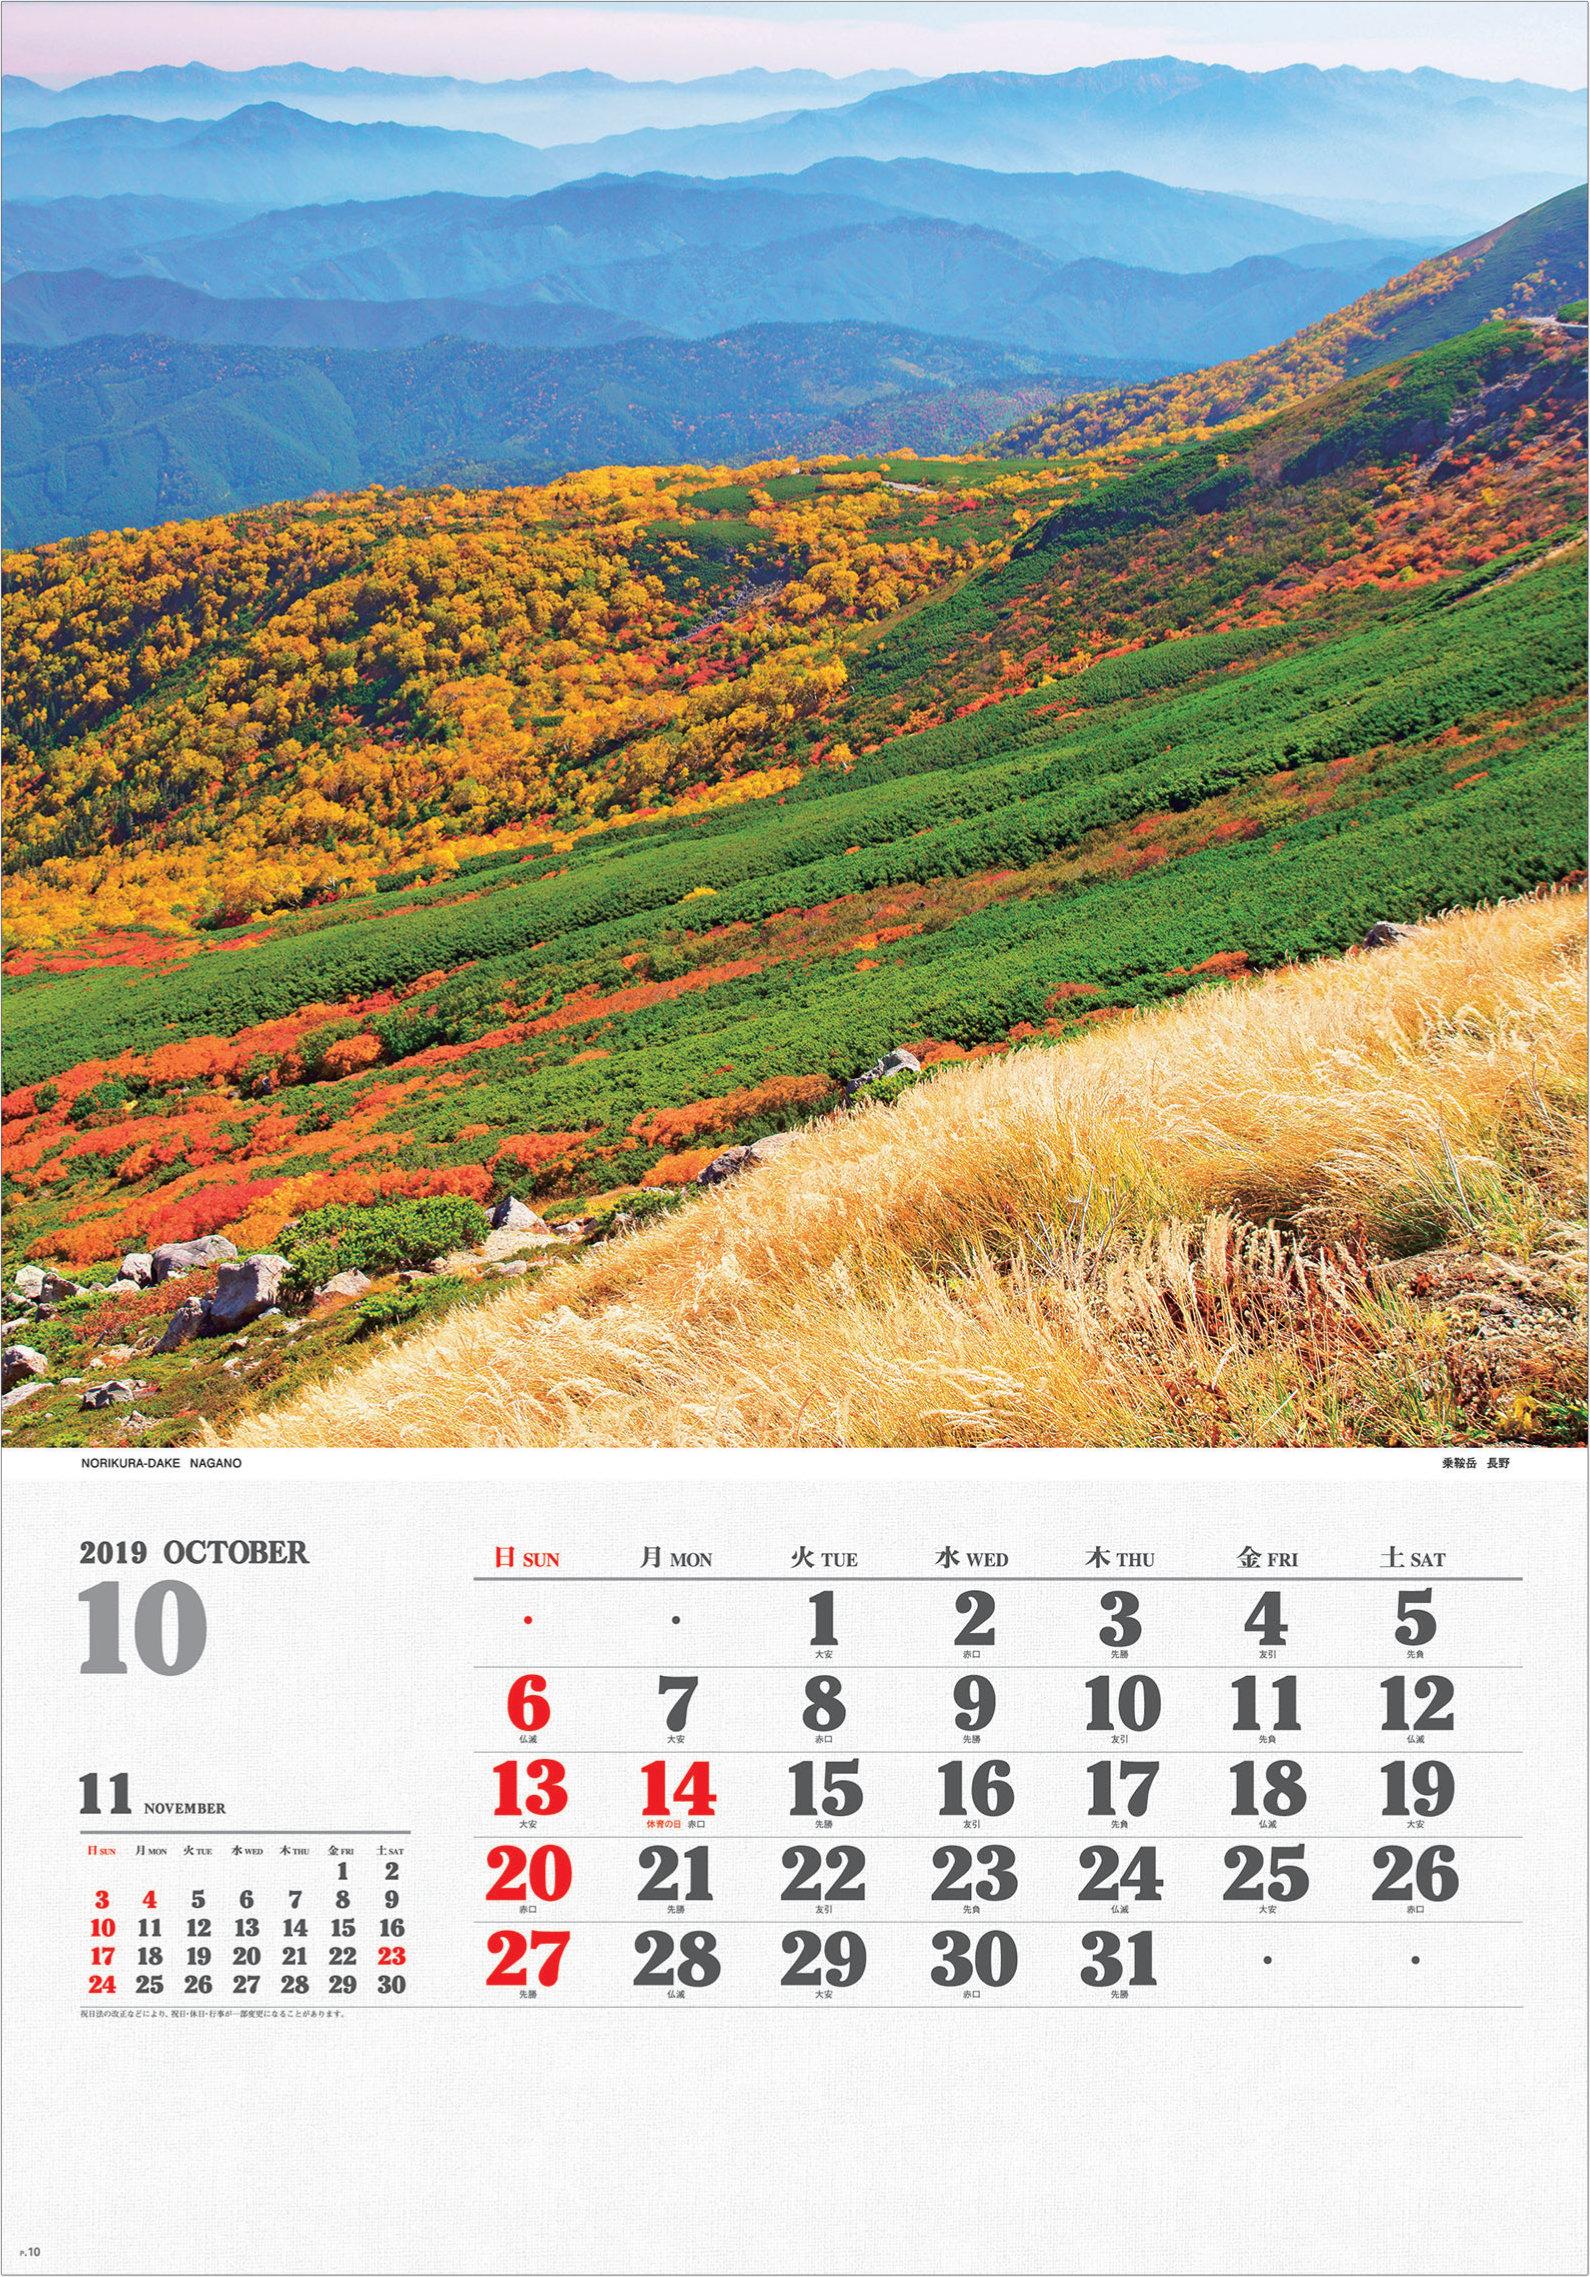 画像:長野県 乗鞍岳のススキと紅葉 ワイドニッポン十二選(フィルムカレンダー) 2019年カレンダー